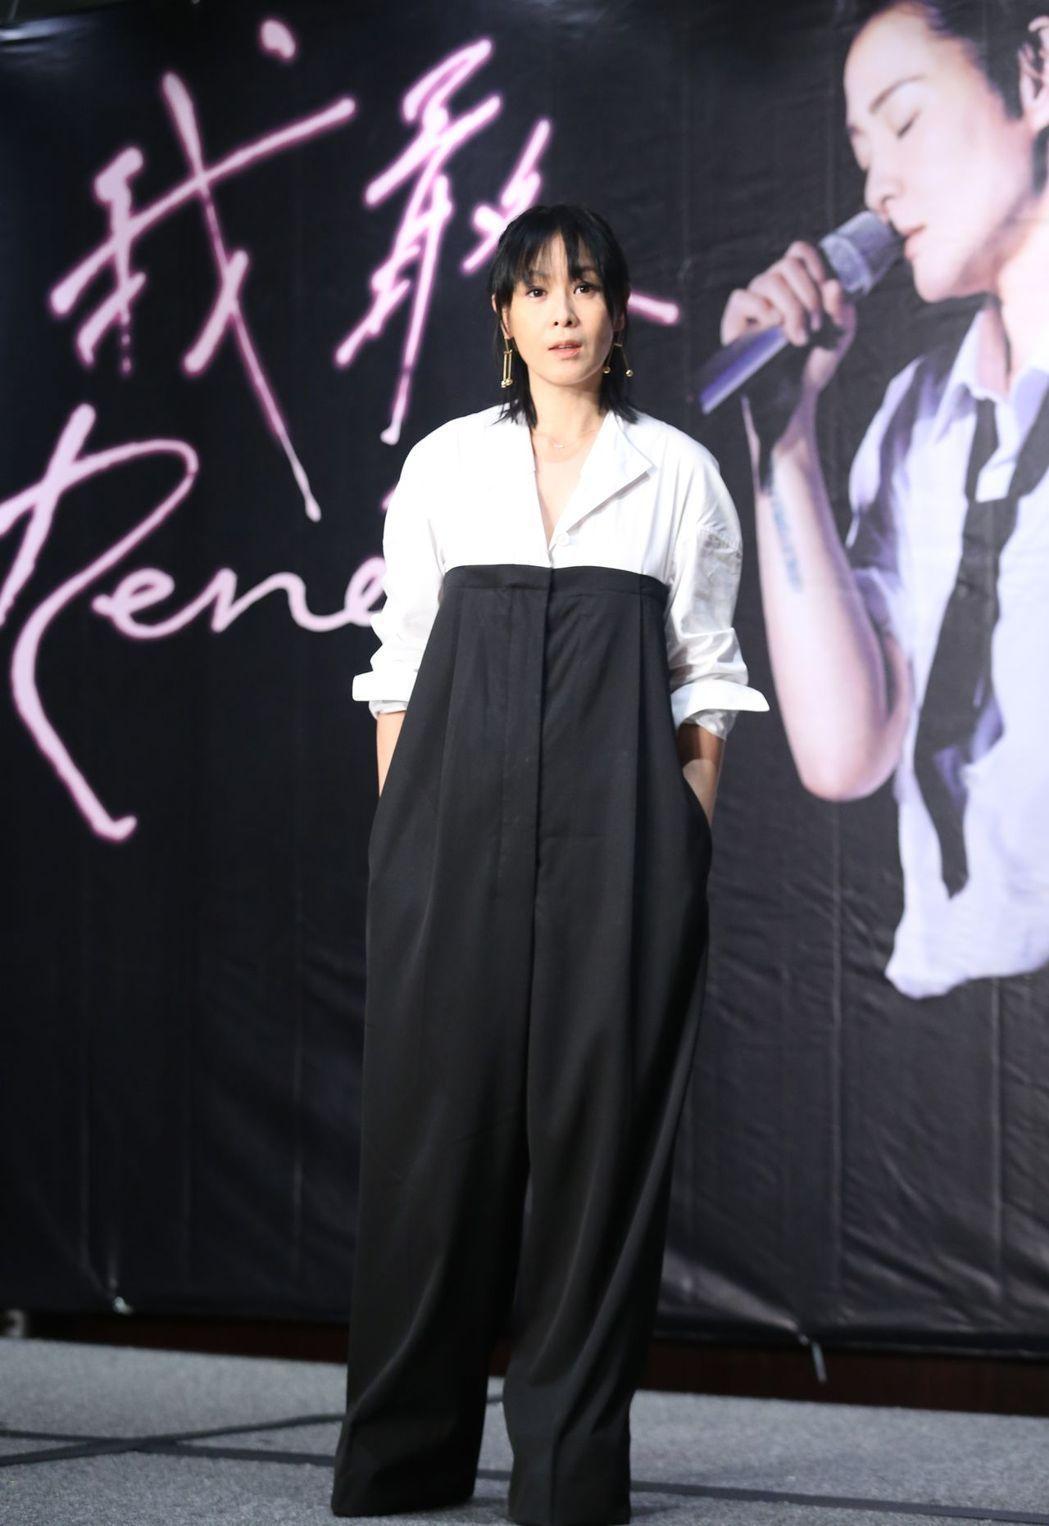 藝人劉若英宣傳台北演唱會,將一連兩場在台北小巨蛋演出,而這也是她世界巡迴51場演...